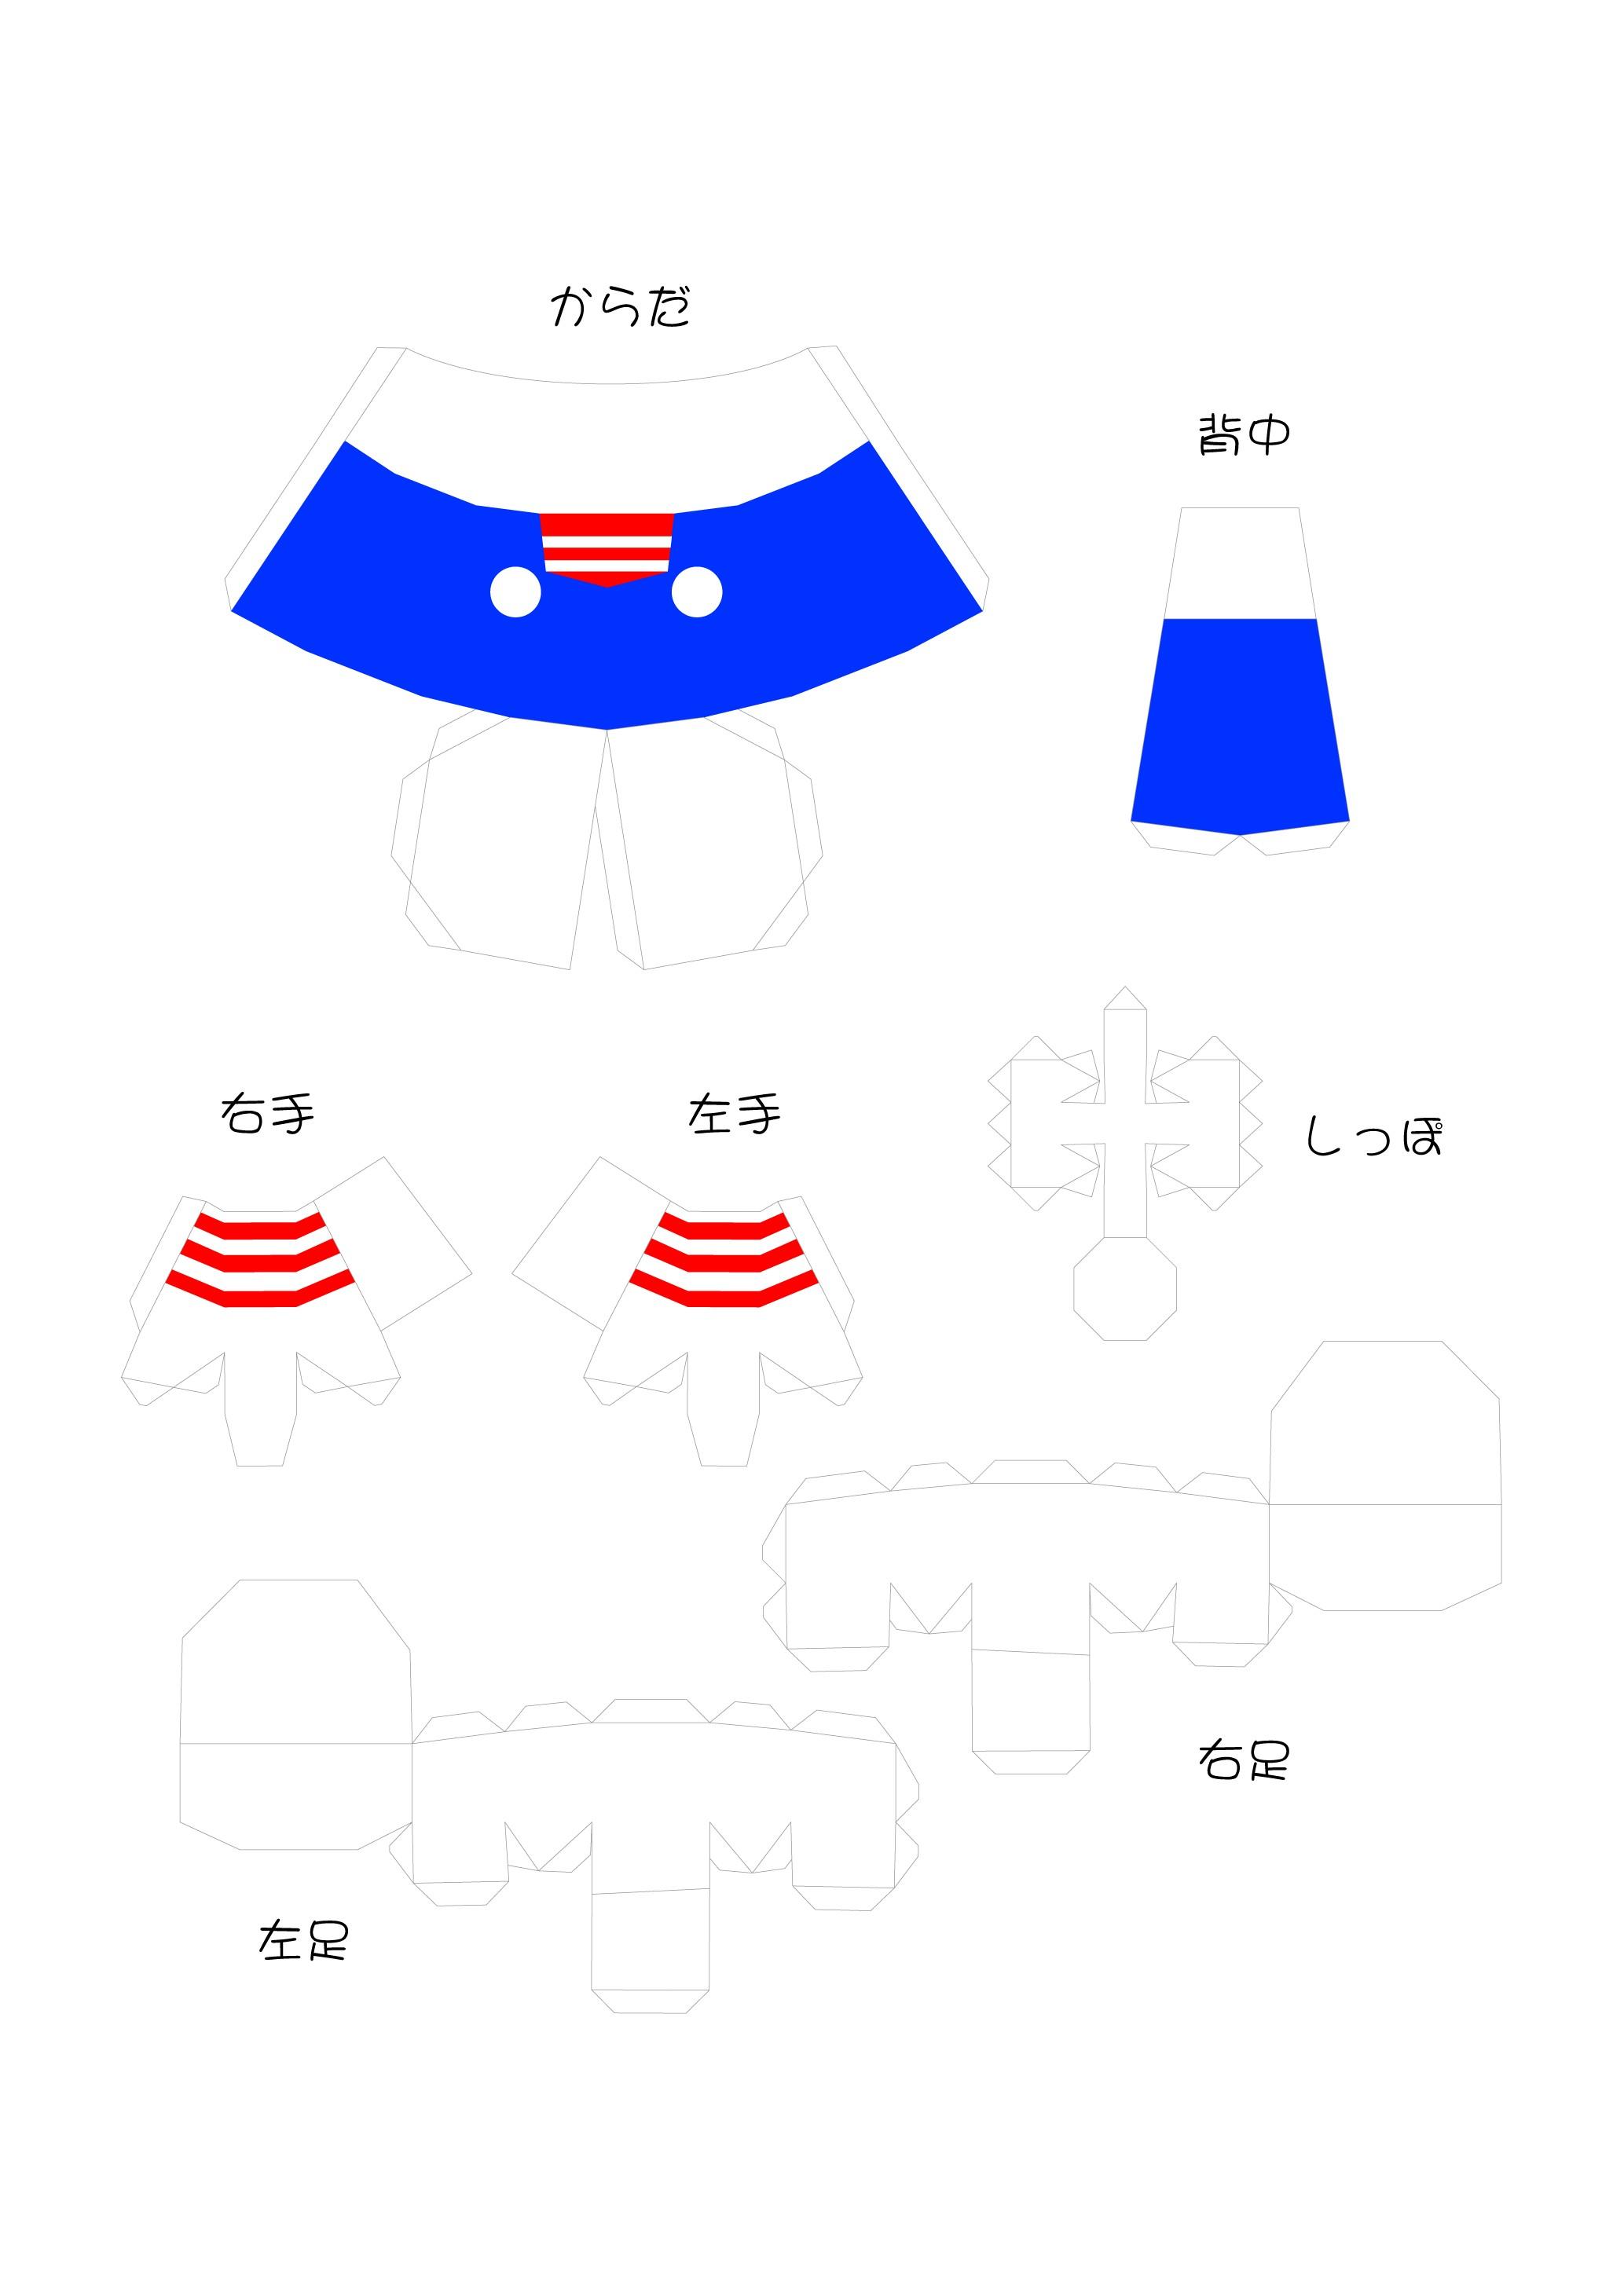 Papercraft Kits Hello Kitty Papercraft 2b 2067—2923